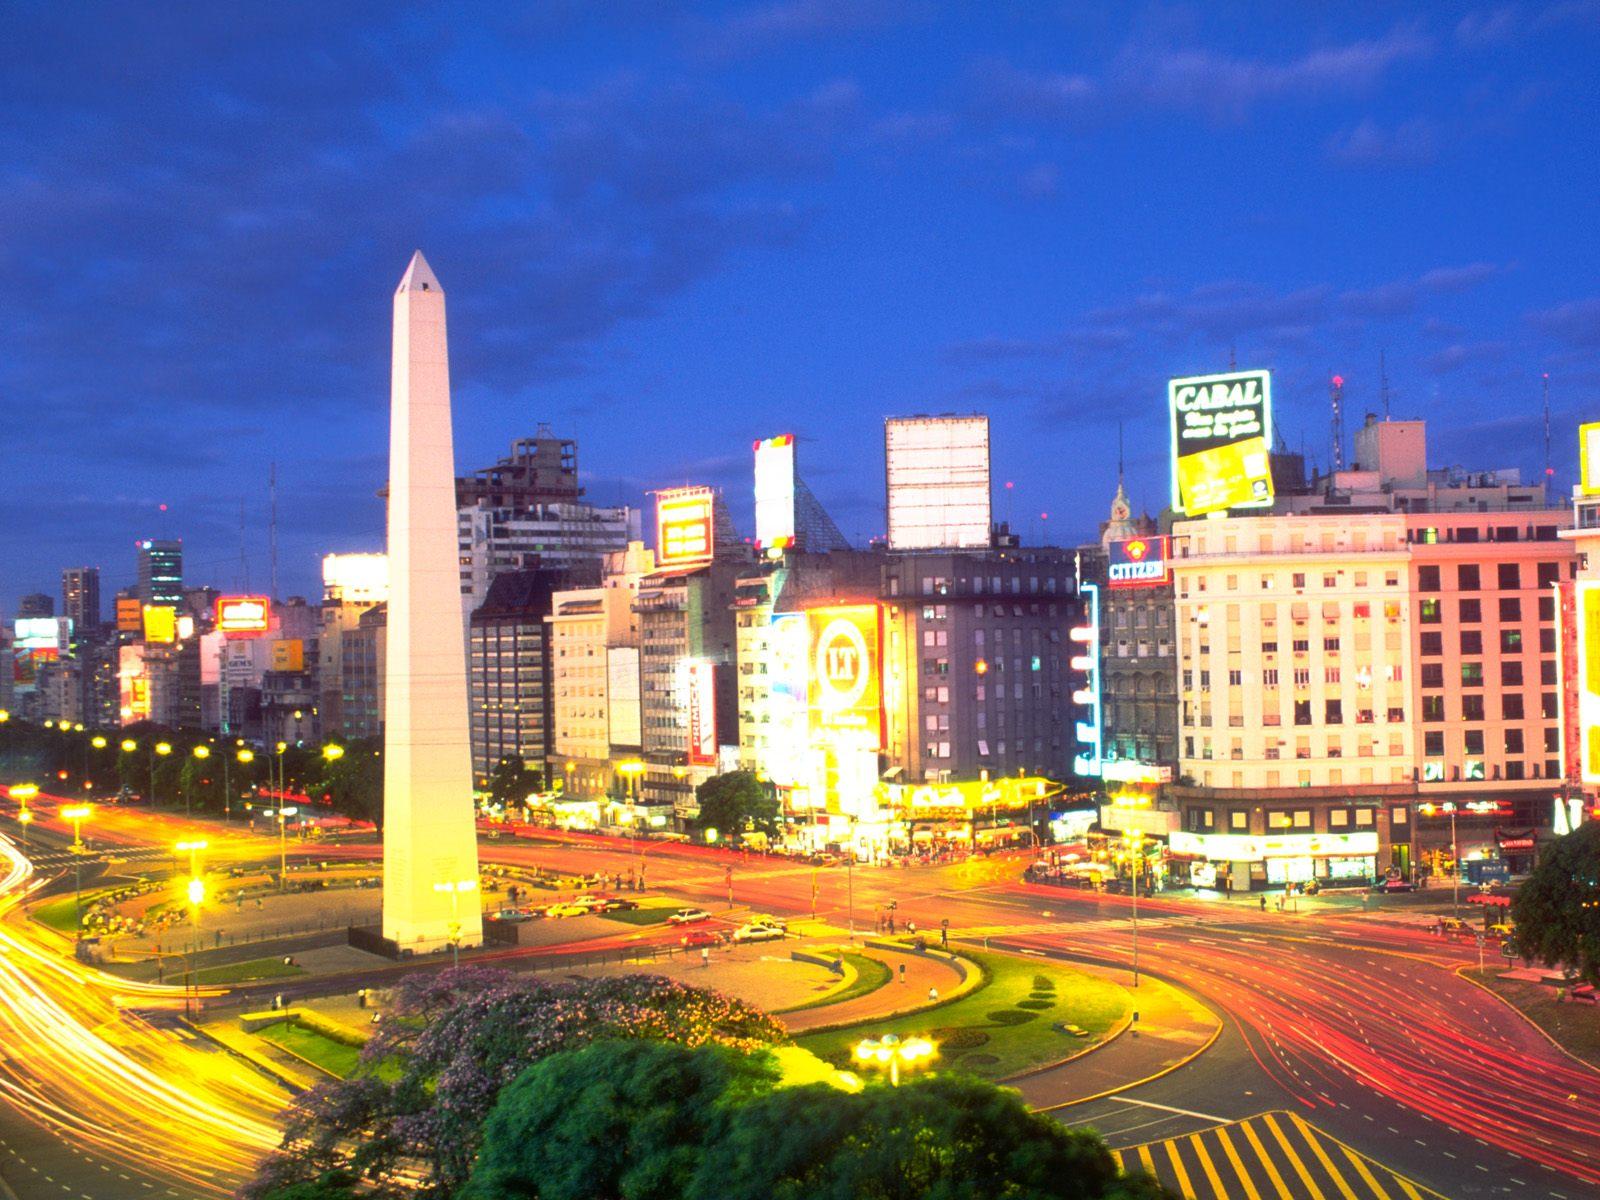 Buenos Aires Argentina night wallpaper – 1600 x 1200 pixels – 321 kB